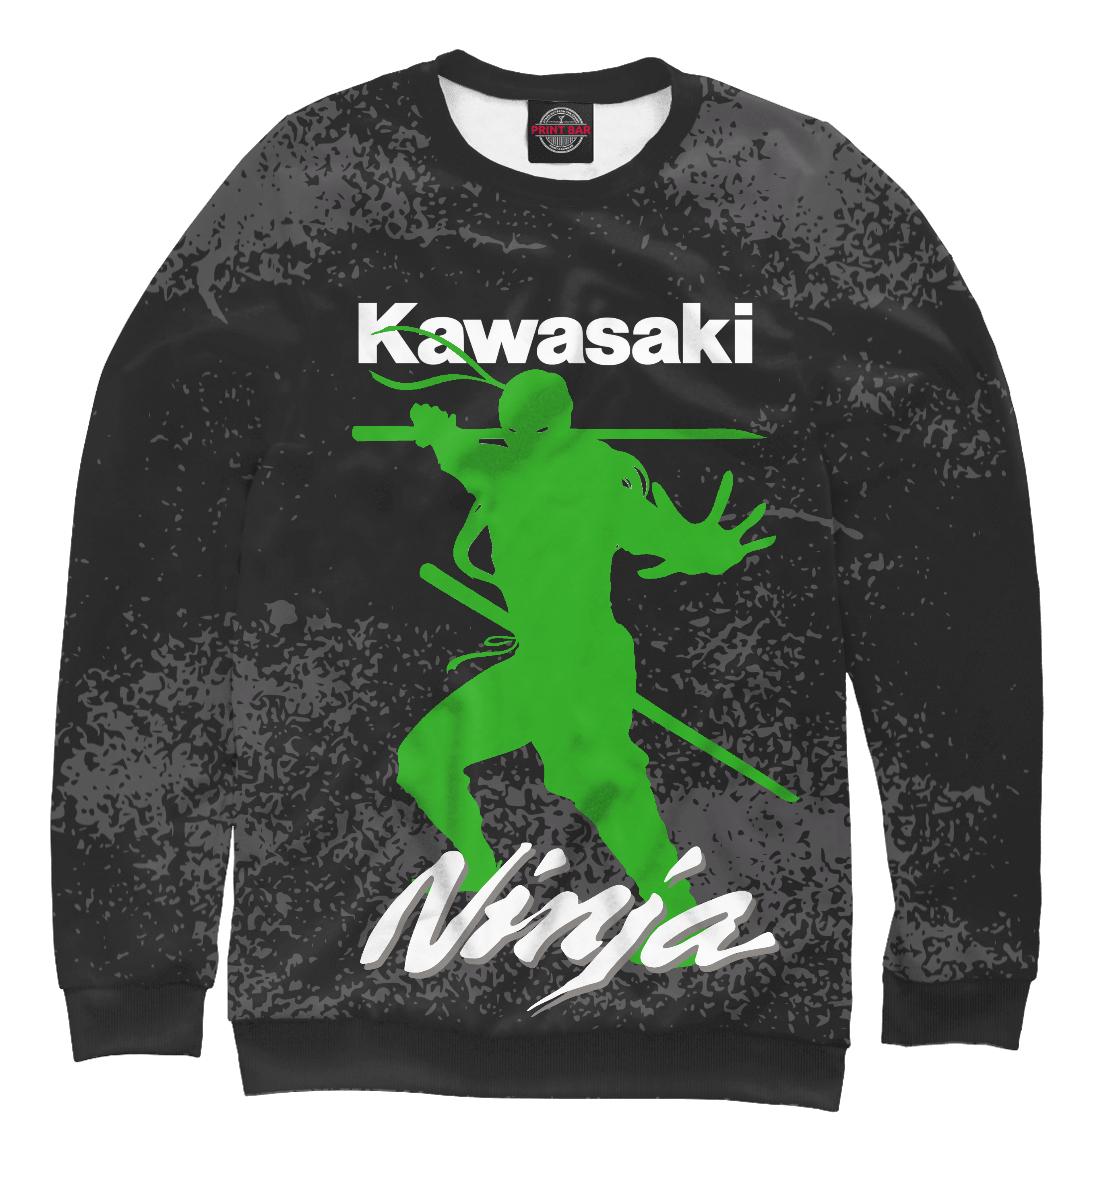 Купить Kawasaki Ninja, Printbar, Свитшоты, MTR-841850-swi-2